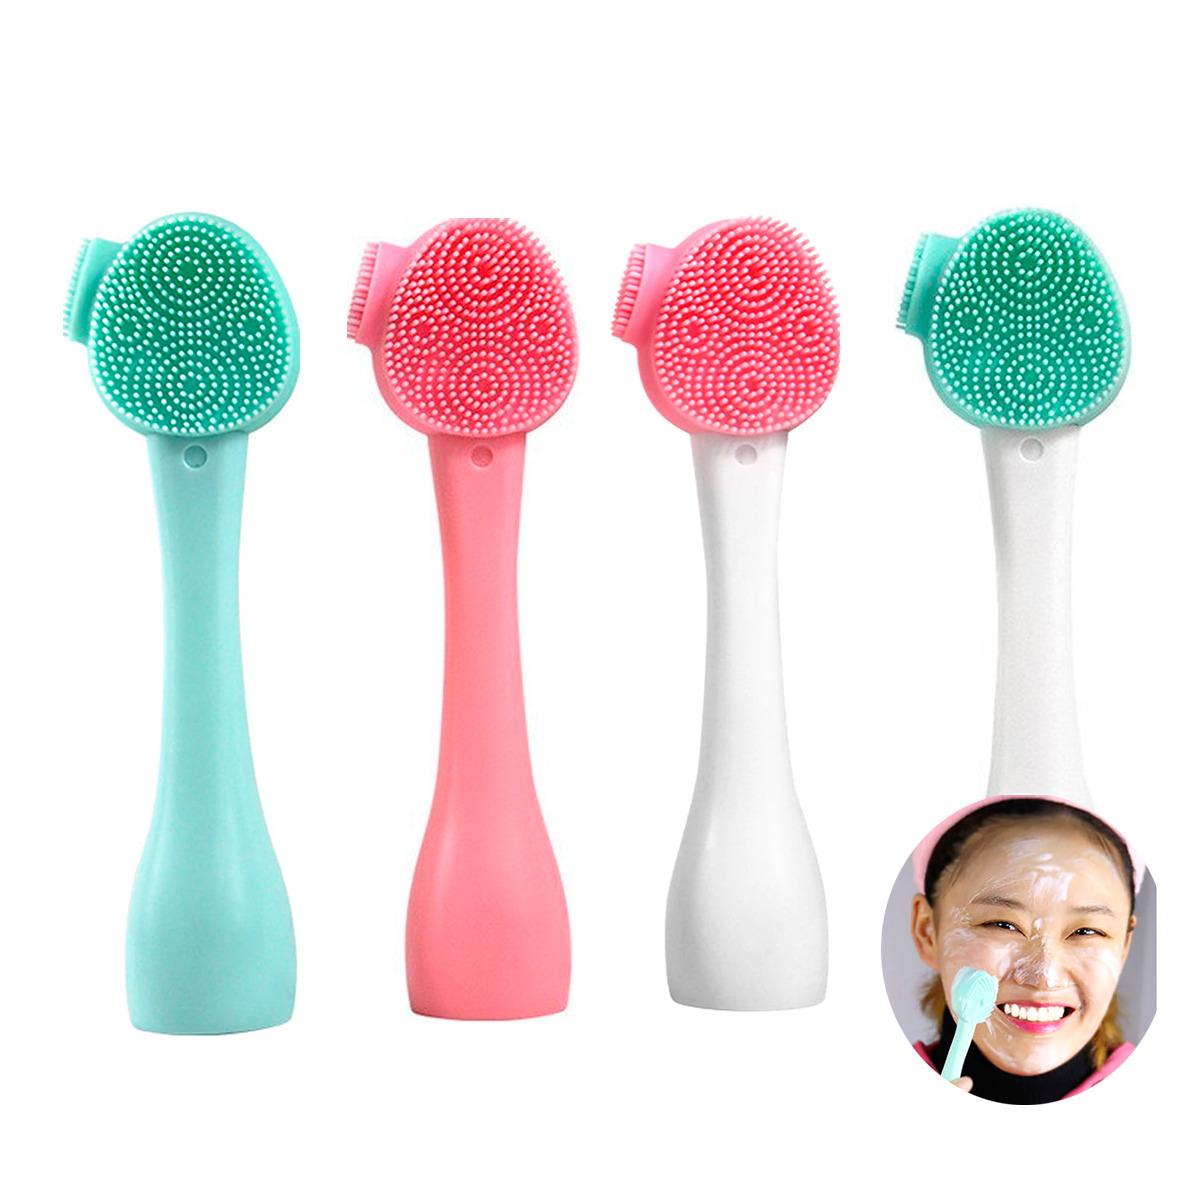 Cepillo Exfoliante Facial Cuidado Piel Silicona Doble Cara